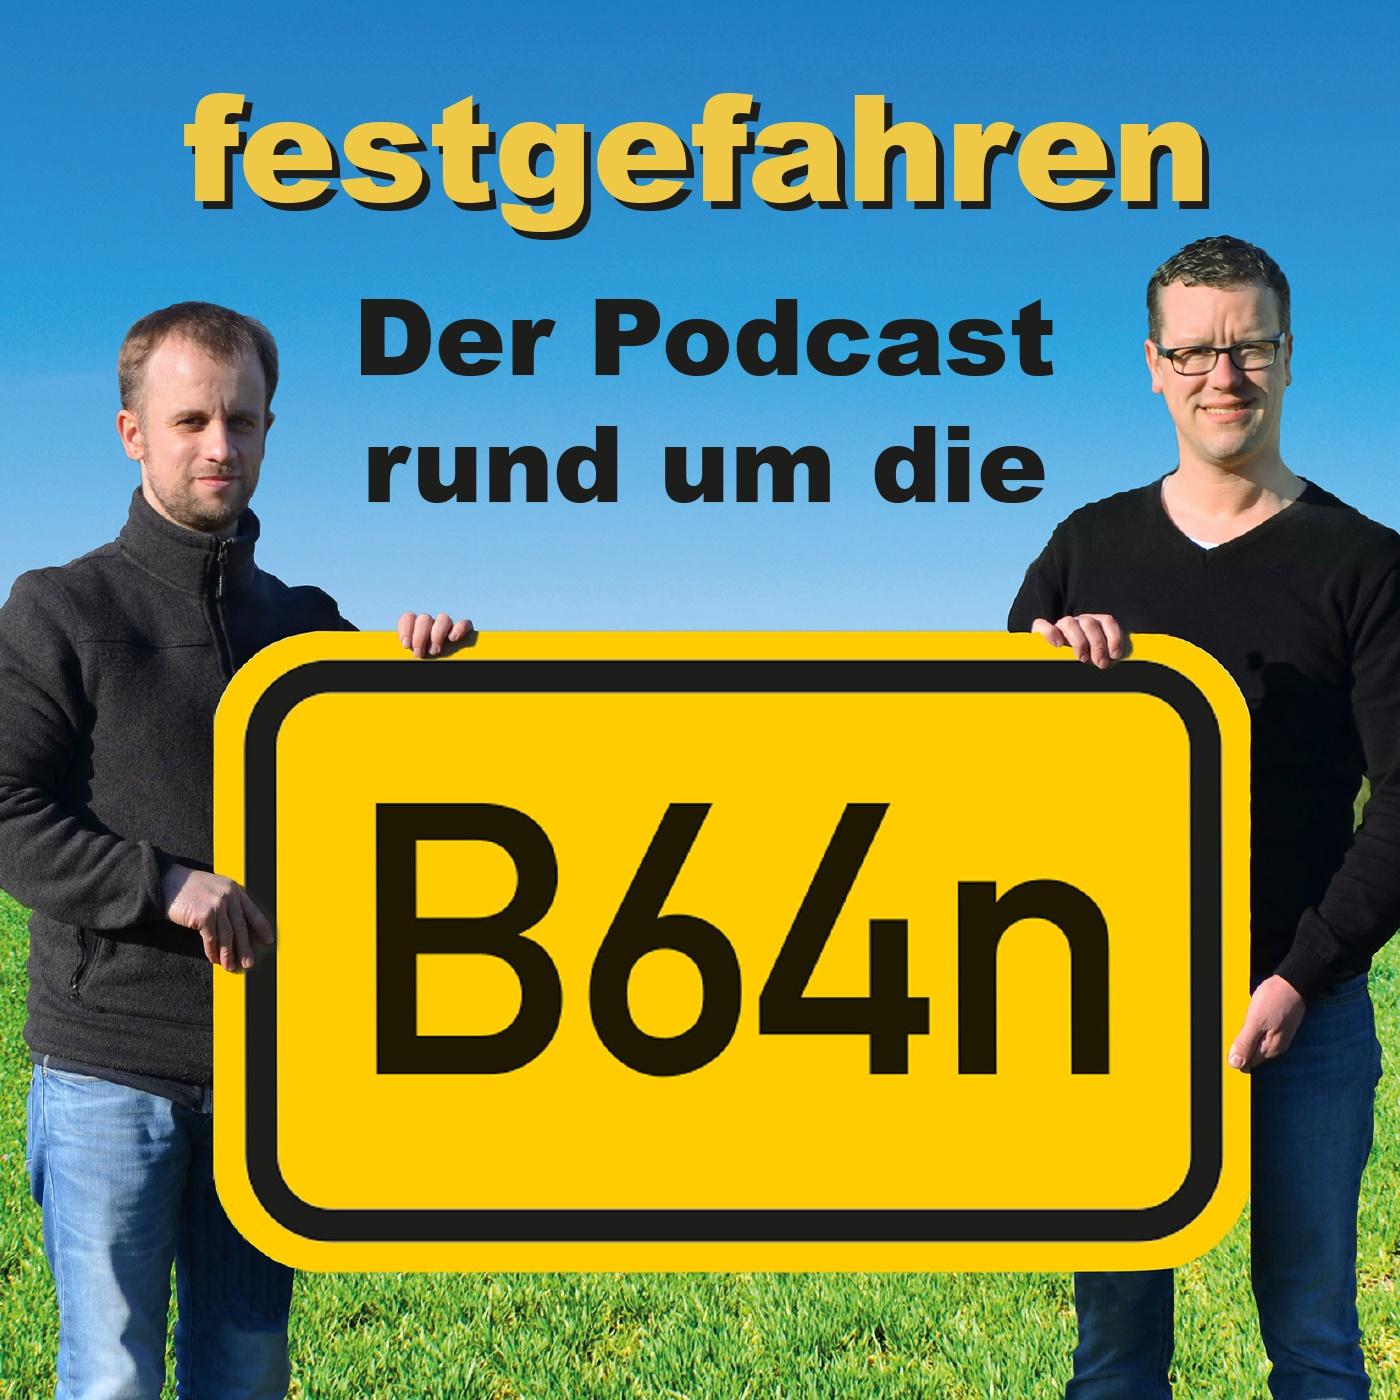 festgefahren- Der Podcast rund um die B64n